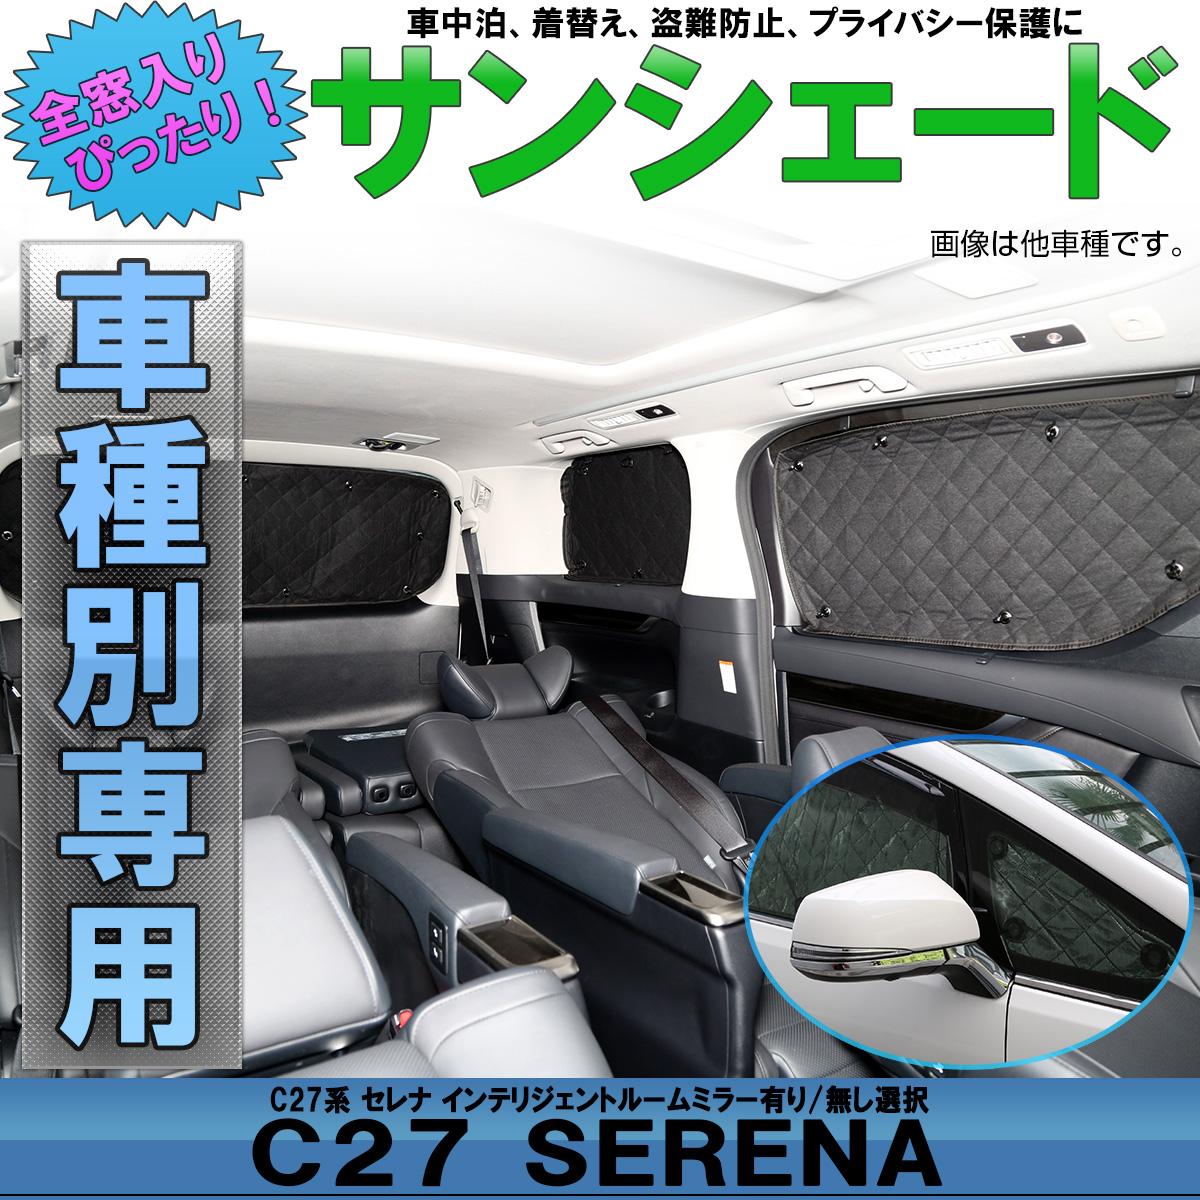 ニッサン C27 セレナ 専用設 サンシェード インテリジェントルームミラー有|無 全窓用セット 5層構造 ブラックメッシュ 車中泊 S-641-S-642